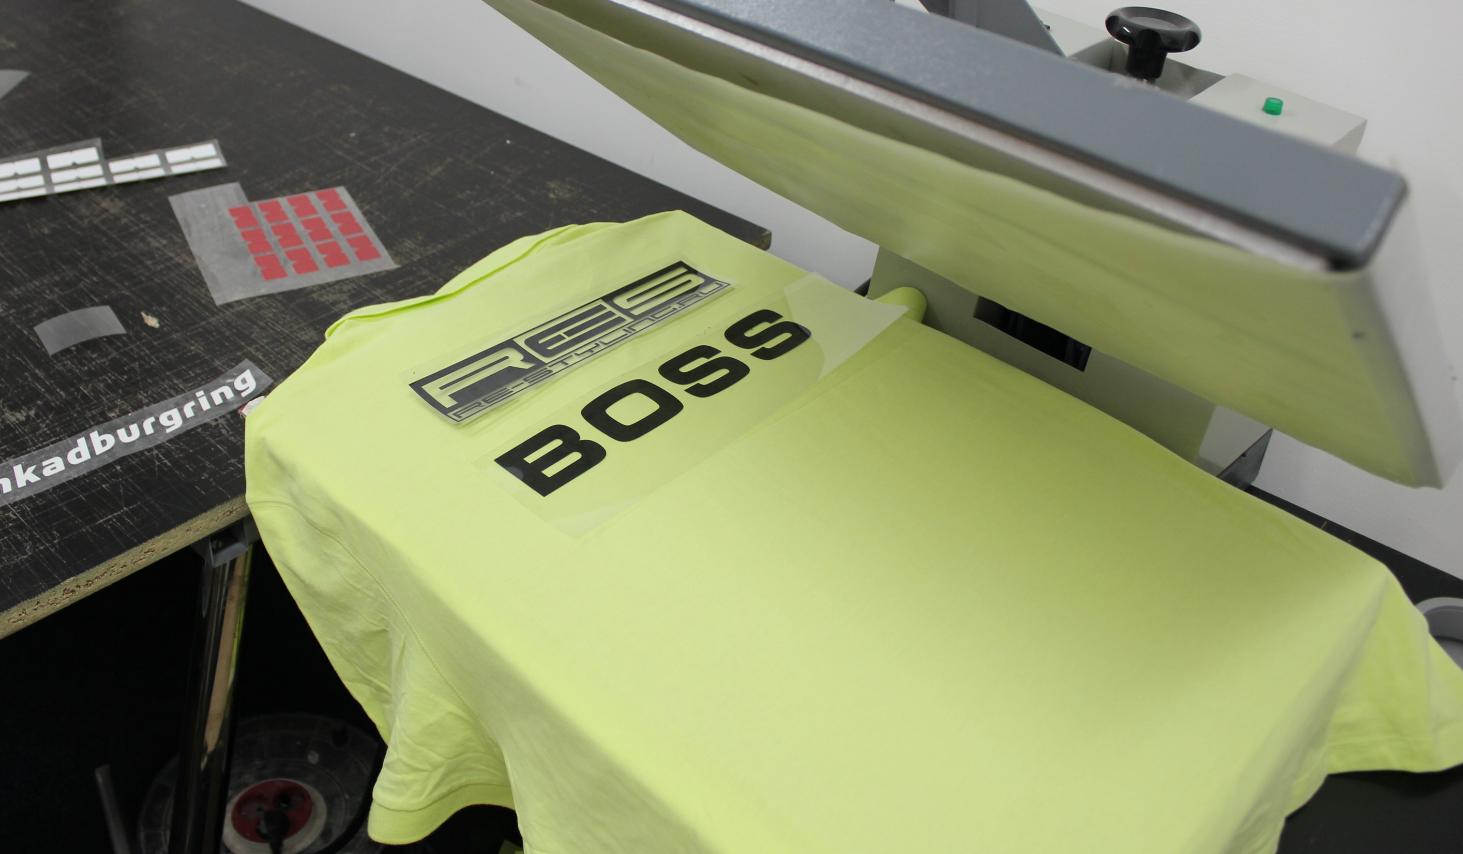 как организовать бизнес по печати изображений на футболках